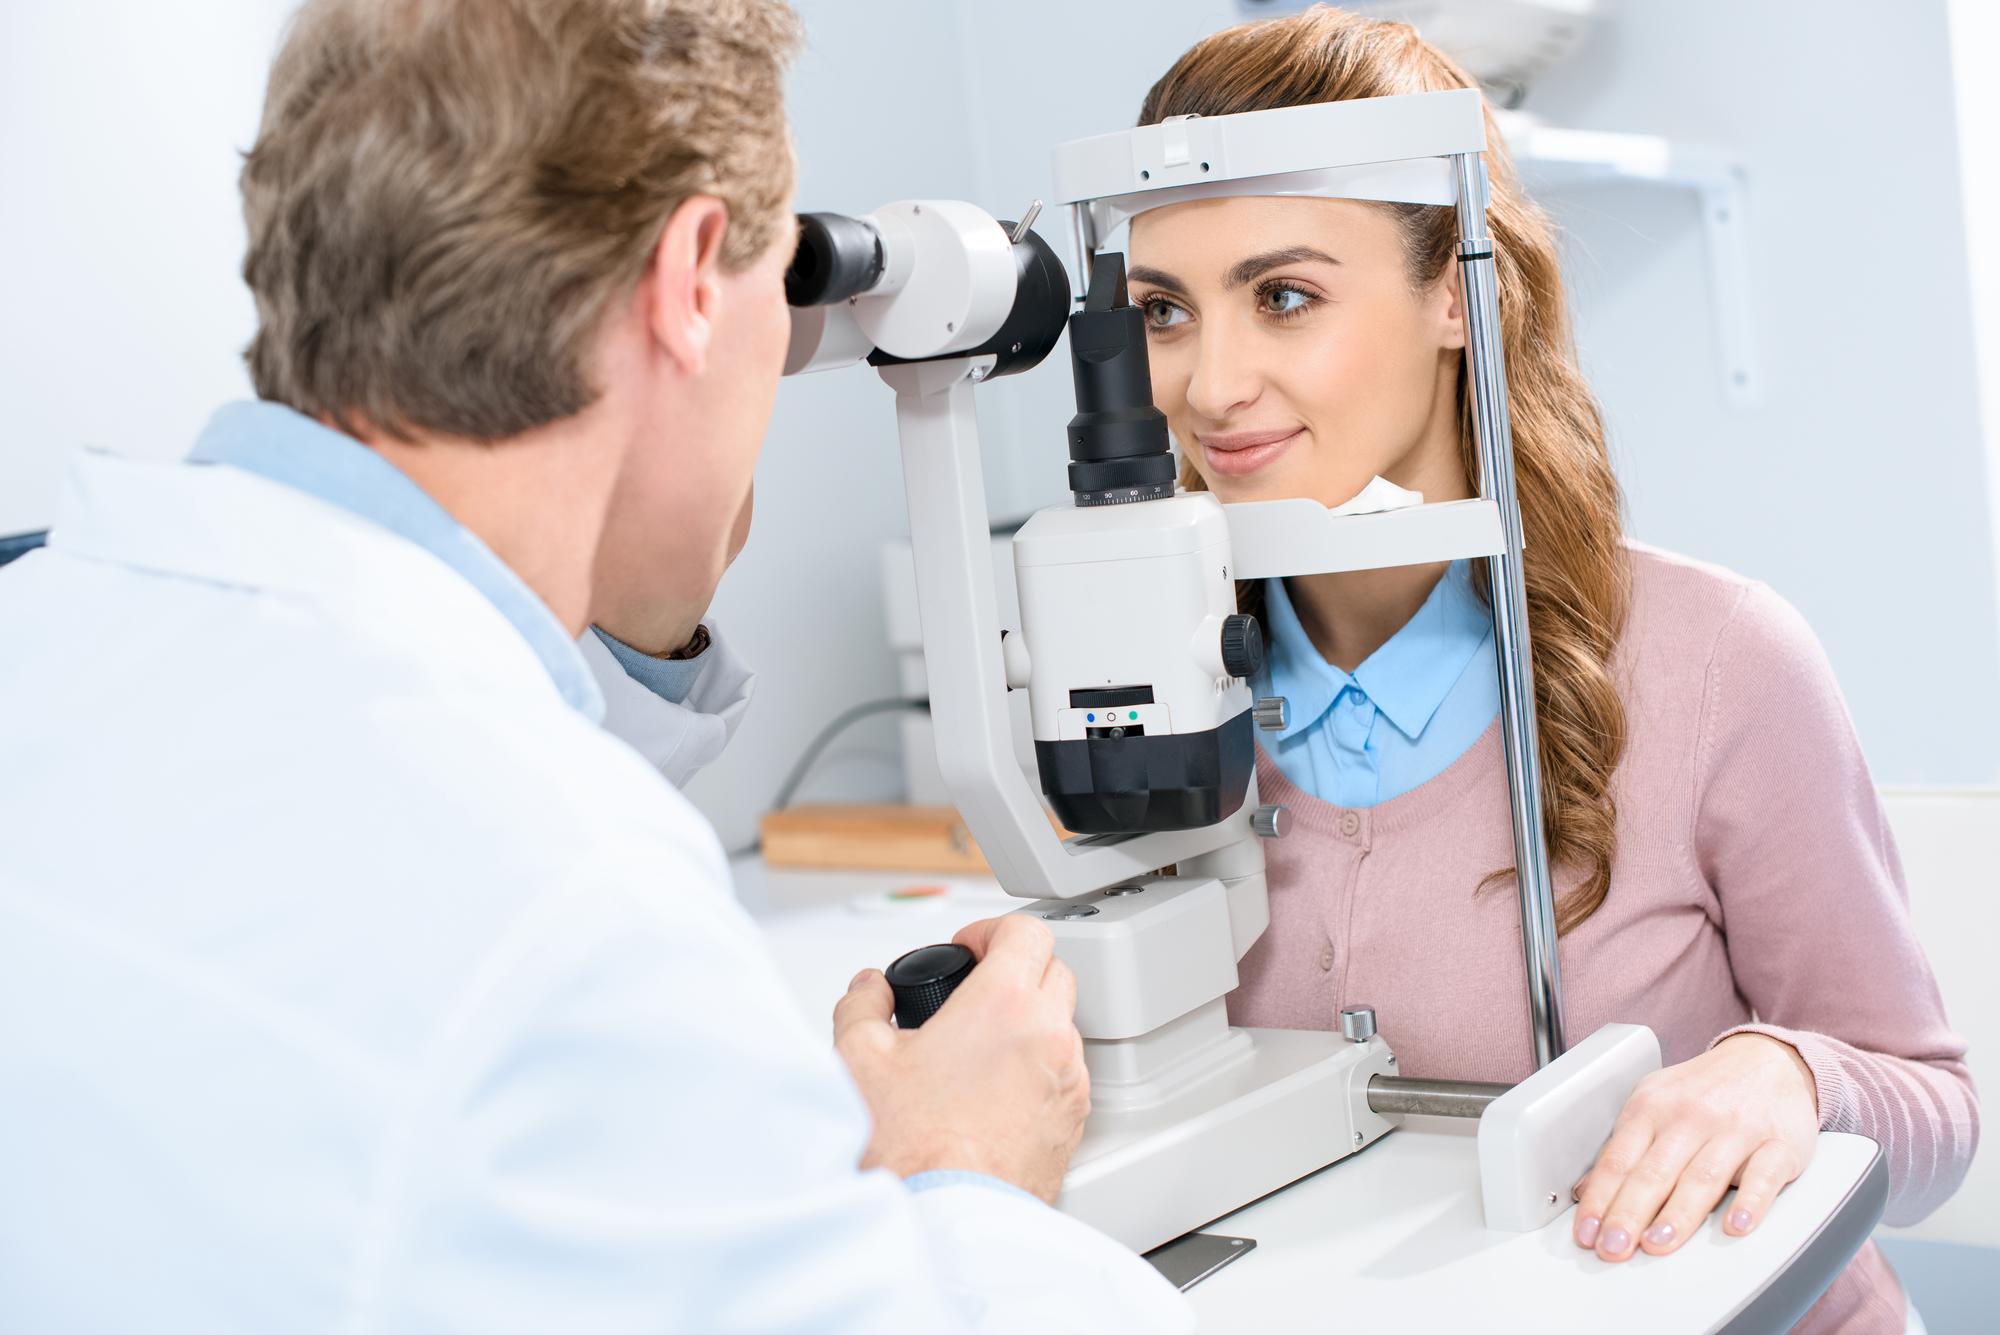 Около миллиарда случаев нарушений зрения можно было предотвратить — ВОЗ